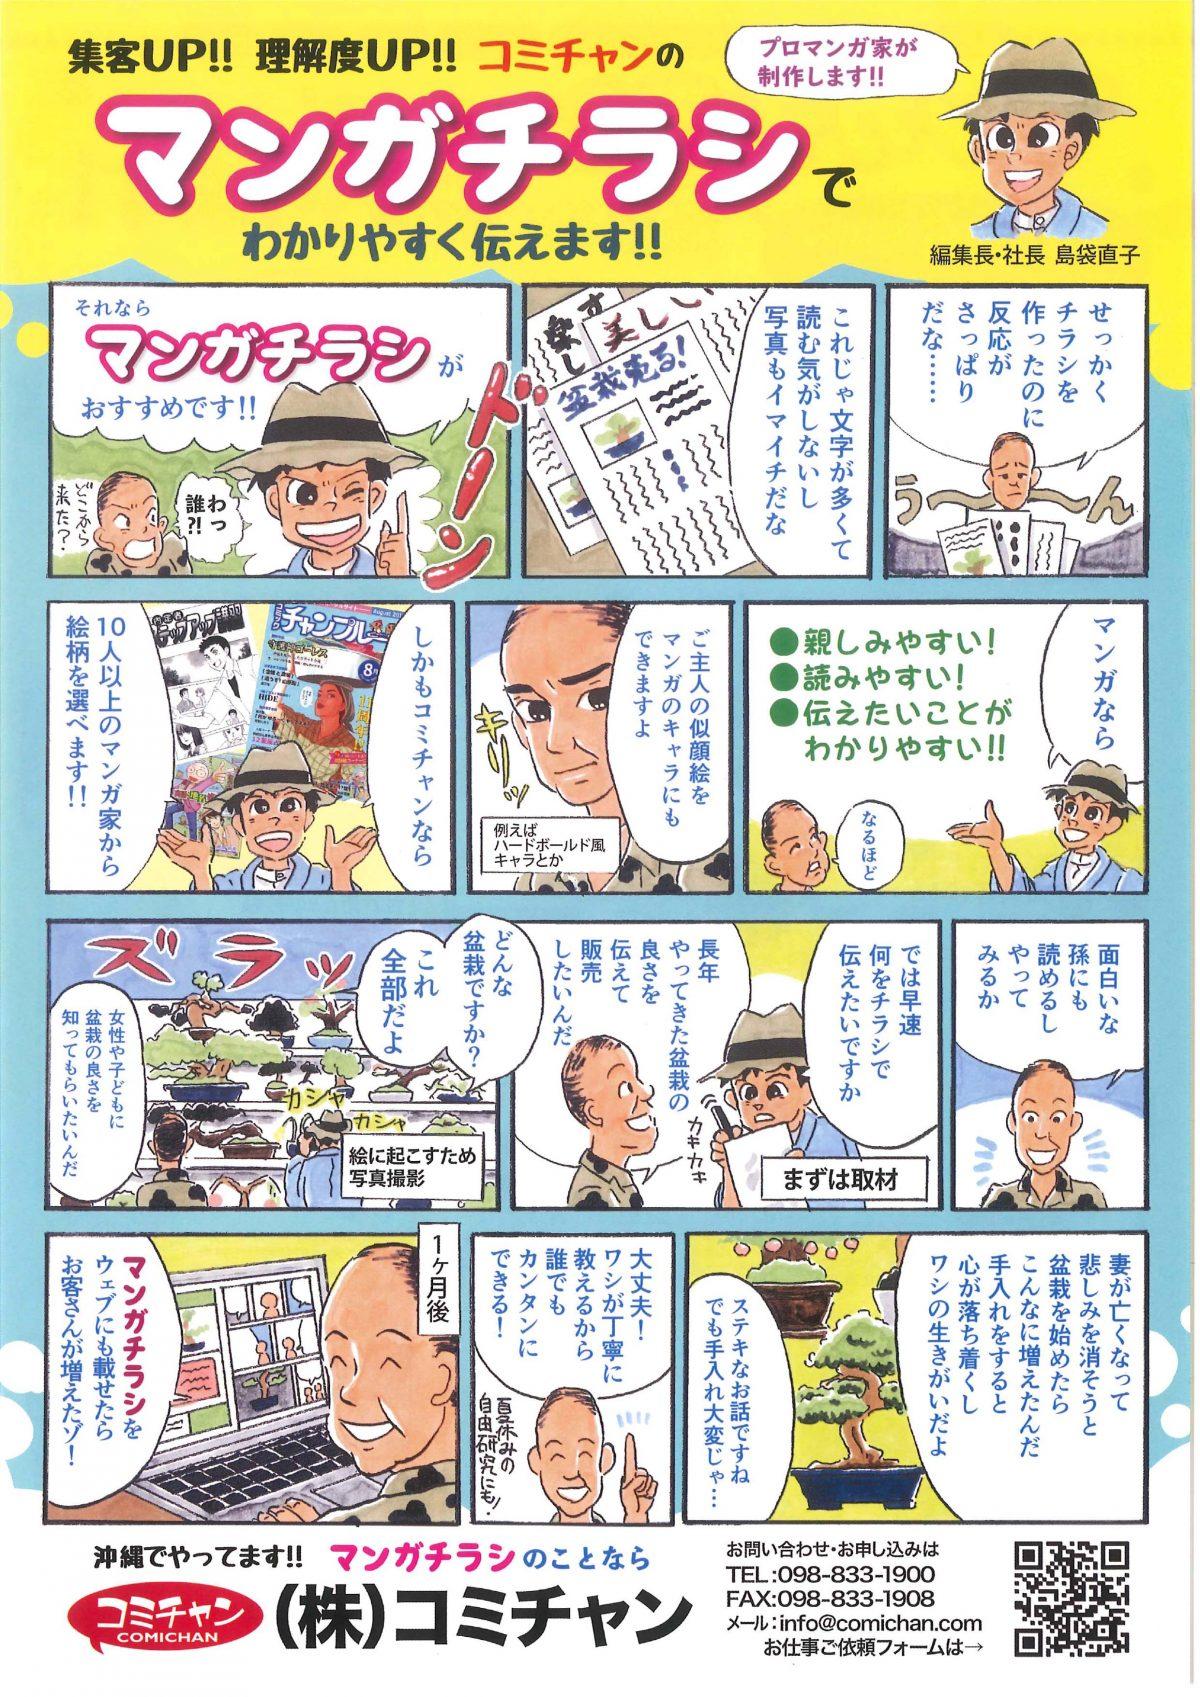 沖縄「マンガチラシ」お仕事承ります!